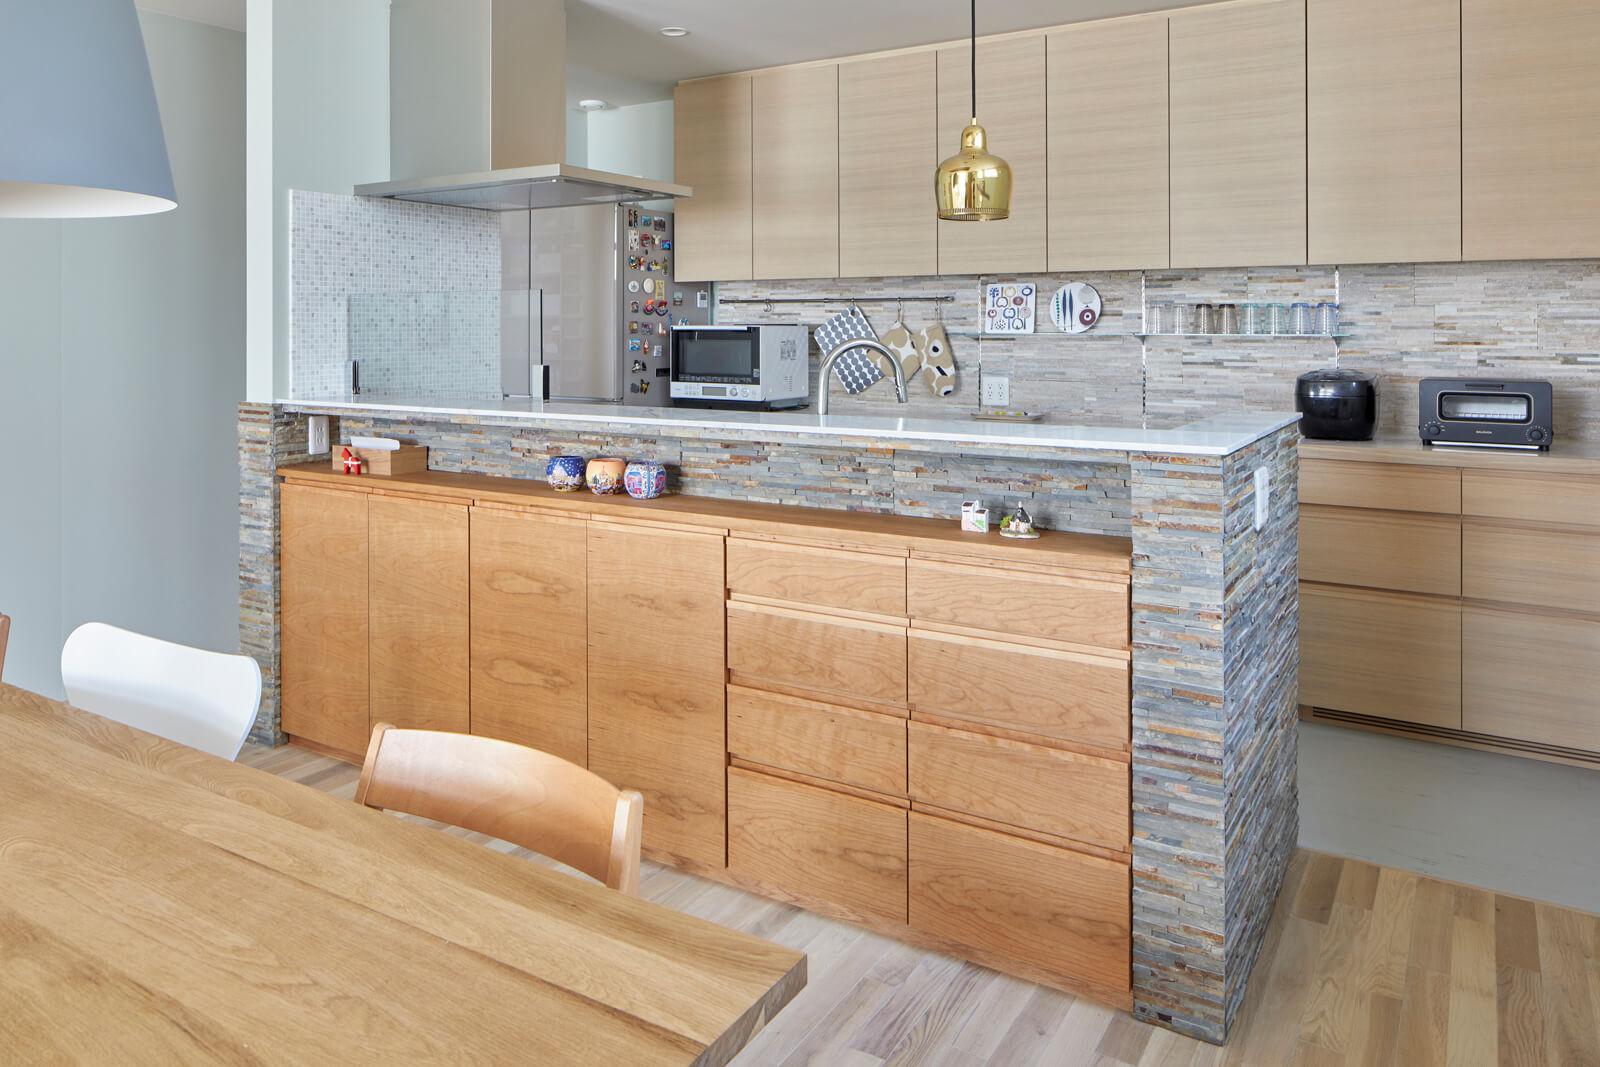 割り肌の石材を採用したキッチンは、建築家のアルヴァ・アアルトがデザインした真鍮のペンダントライトが映える。「北欧旅行時にアアルトの家を見て感動したことを澤田さんに伝えたところ、このペンダントライトを提案してくれました」